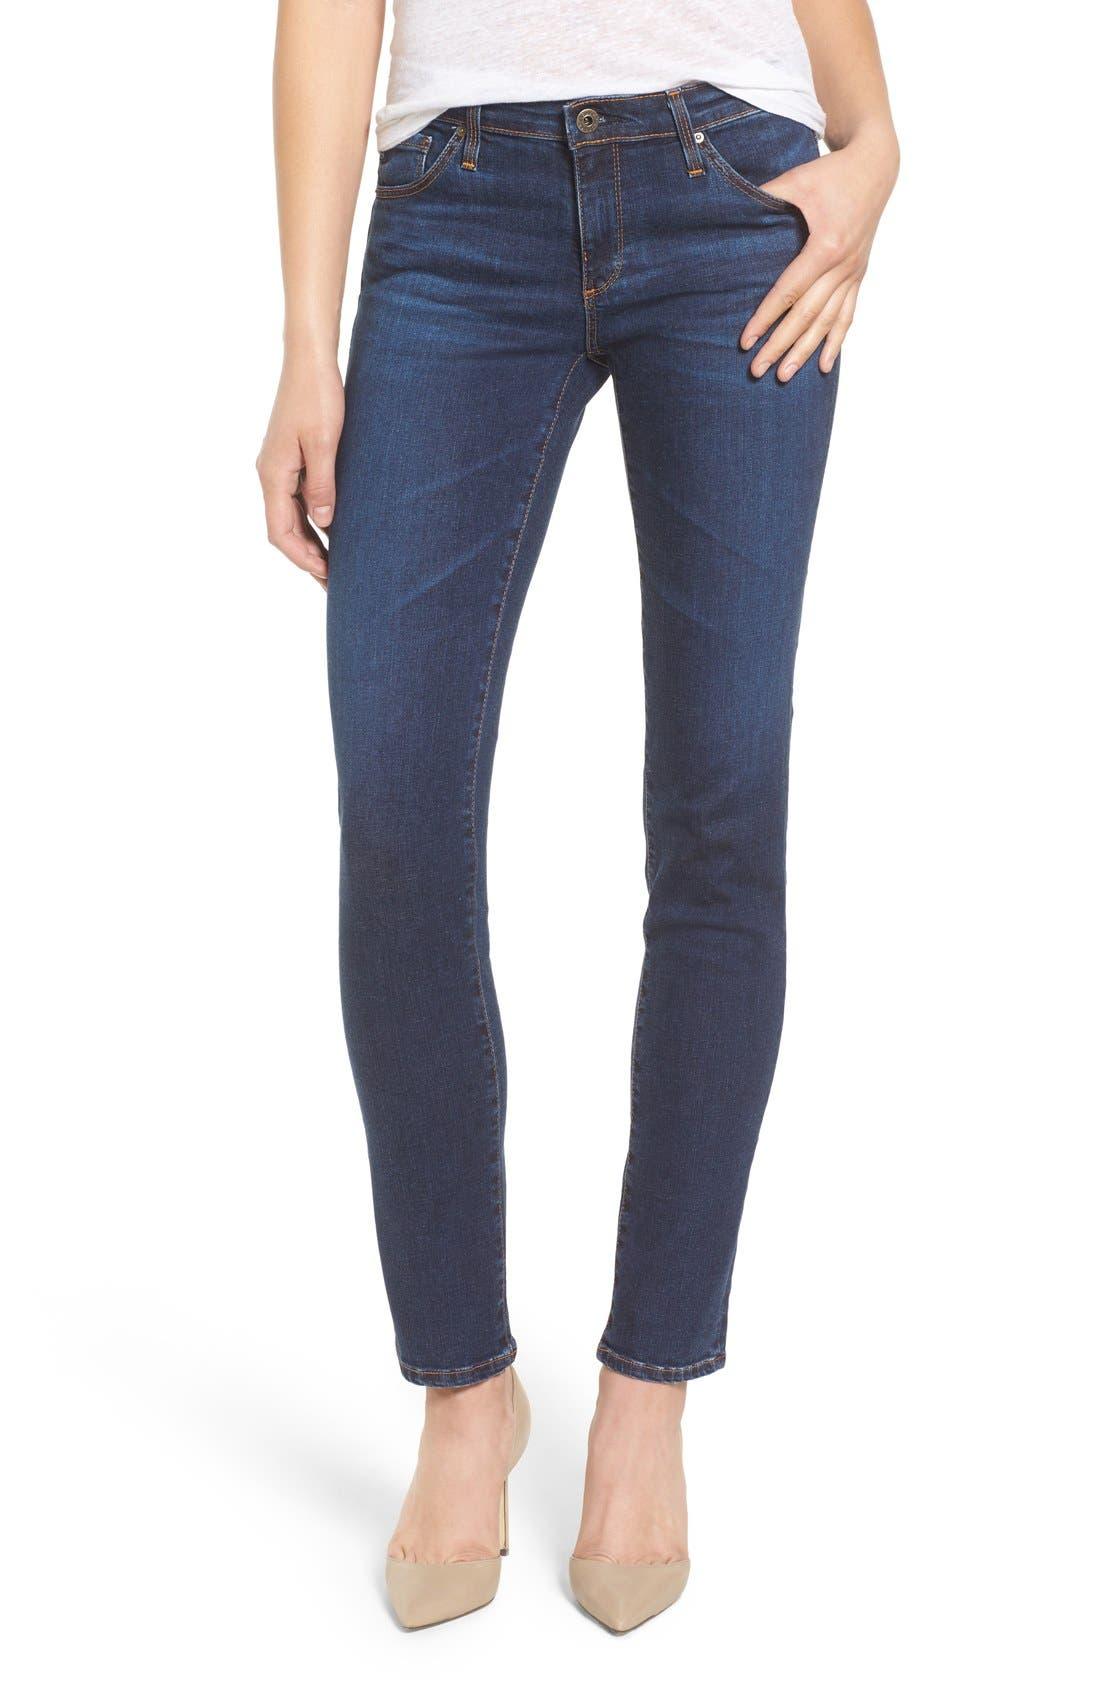 Main Image - AG 'The Stilt' Cigarette Leg Jeans (Elysium)